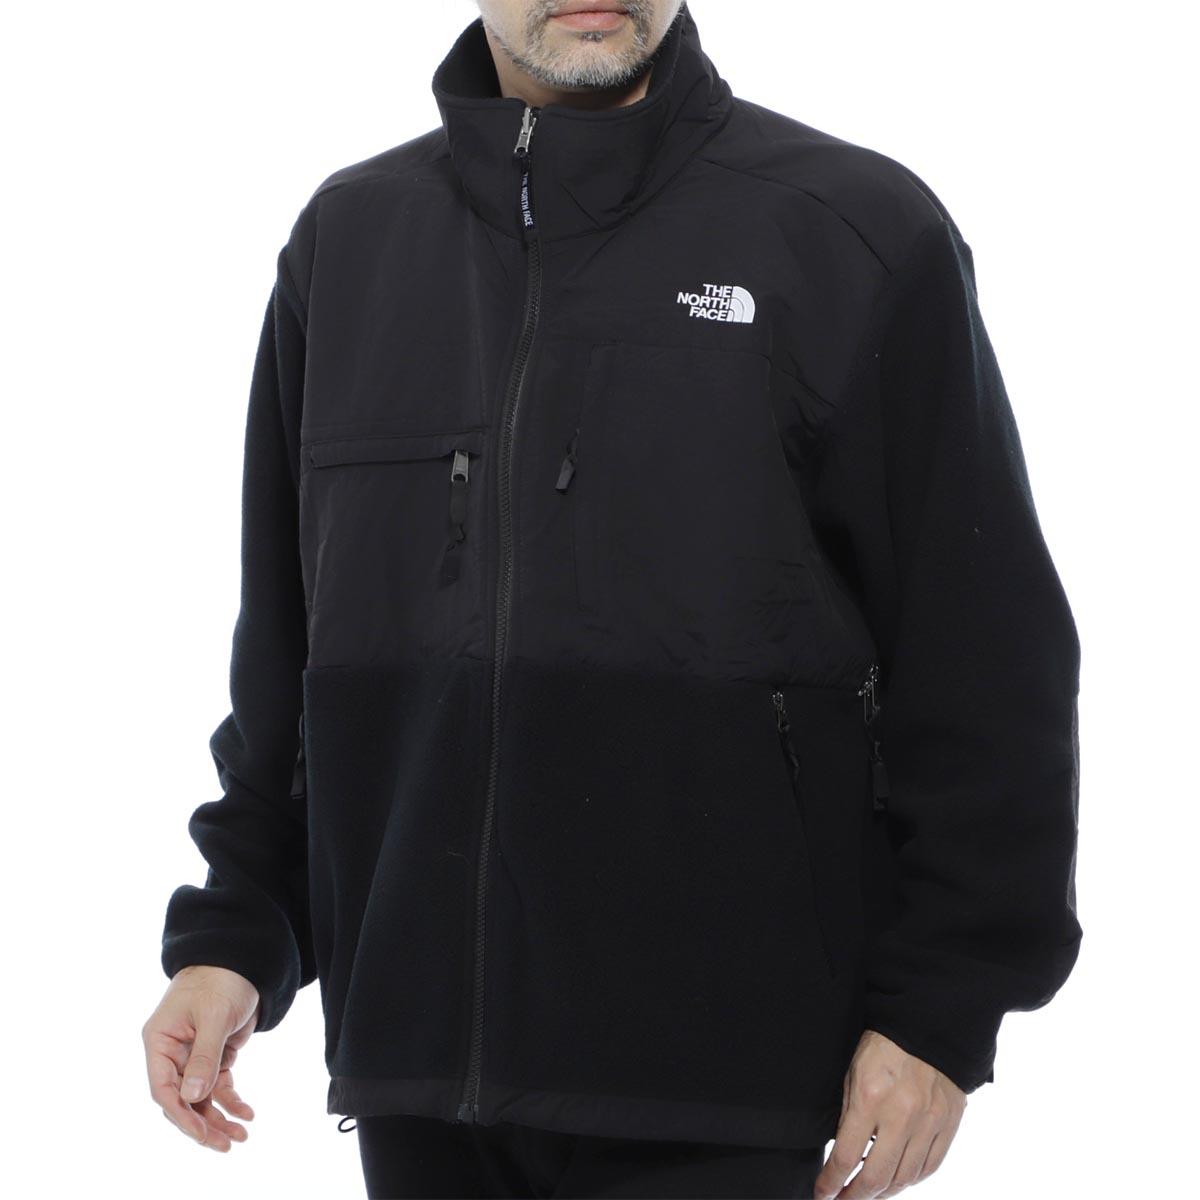 【アウトレット】ノースフェイス THE NORTH FACE ジップジャケット ブラック メンズ nf0a3xcdjk3 DENAL【あす楽対応_関東】【返品送料無料】【ラッピング無料】